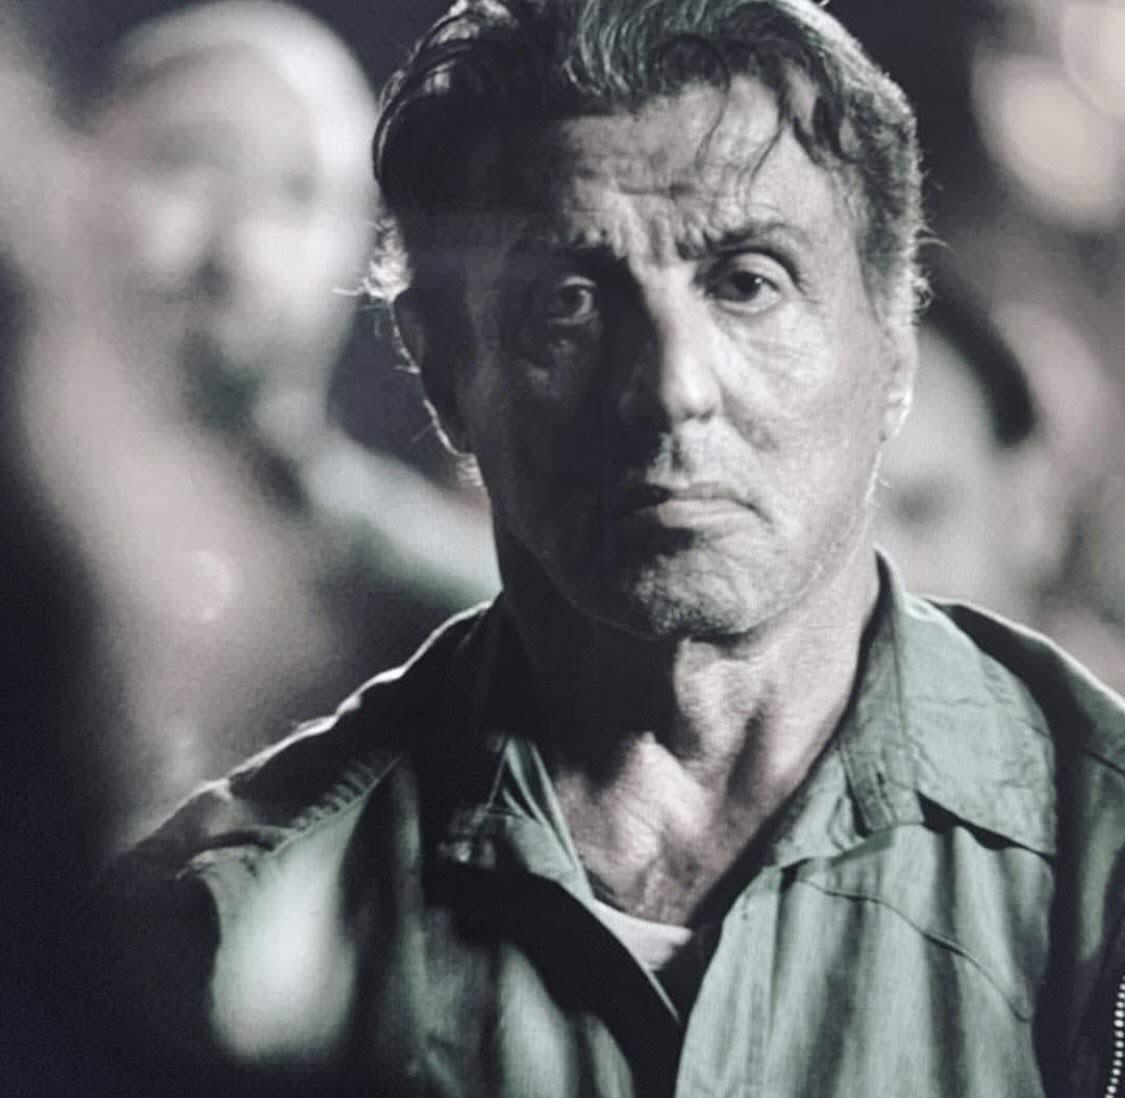 Rambo V : シルベスター・スタローン隊長が主演の人気アクション映画「ランボー」シリーズ第5弾の最新作「ラスト・ブラッド」の予告編を今すぐ、どうしても観たい方は急いで、こちらまで… ! !